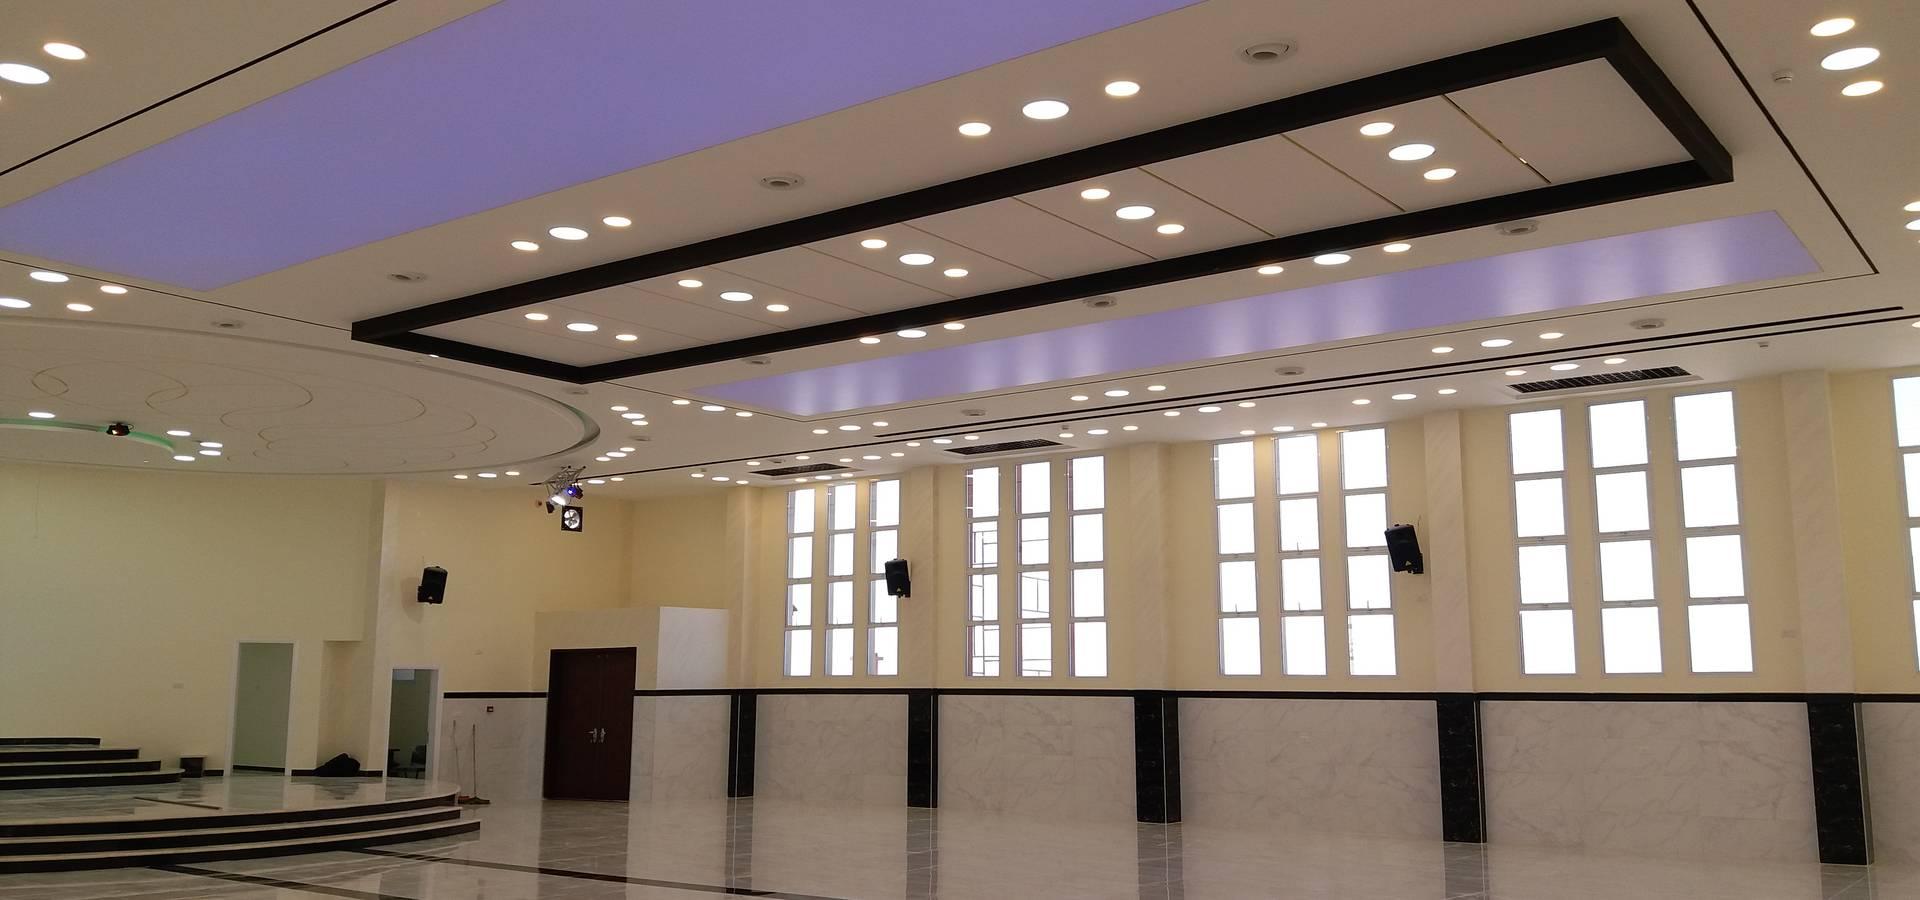 مكتب الأندلس للهندسة والتصميم